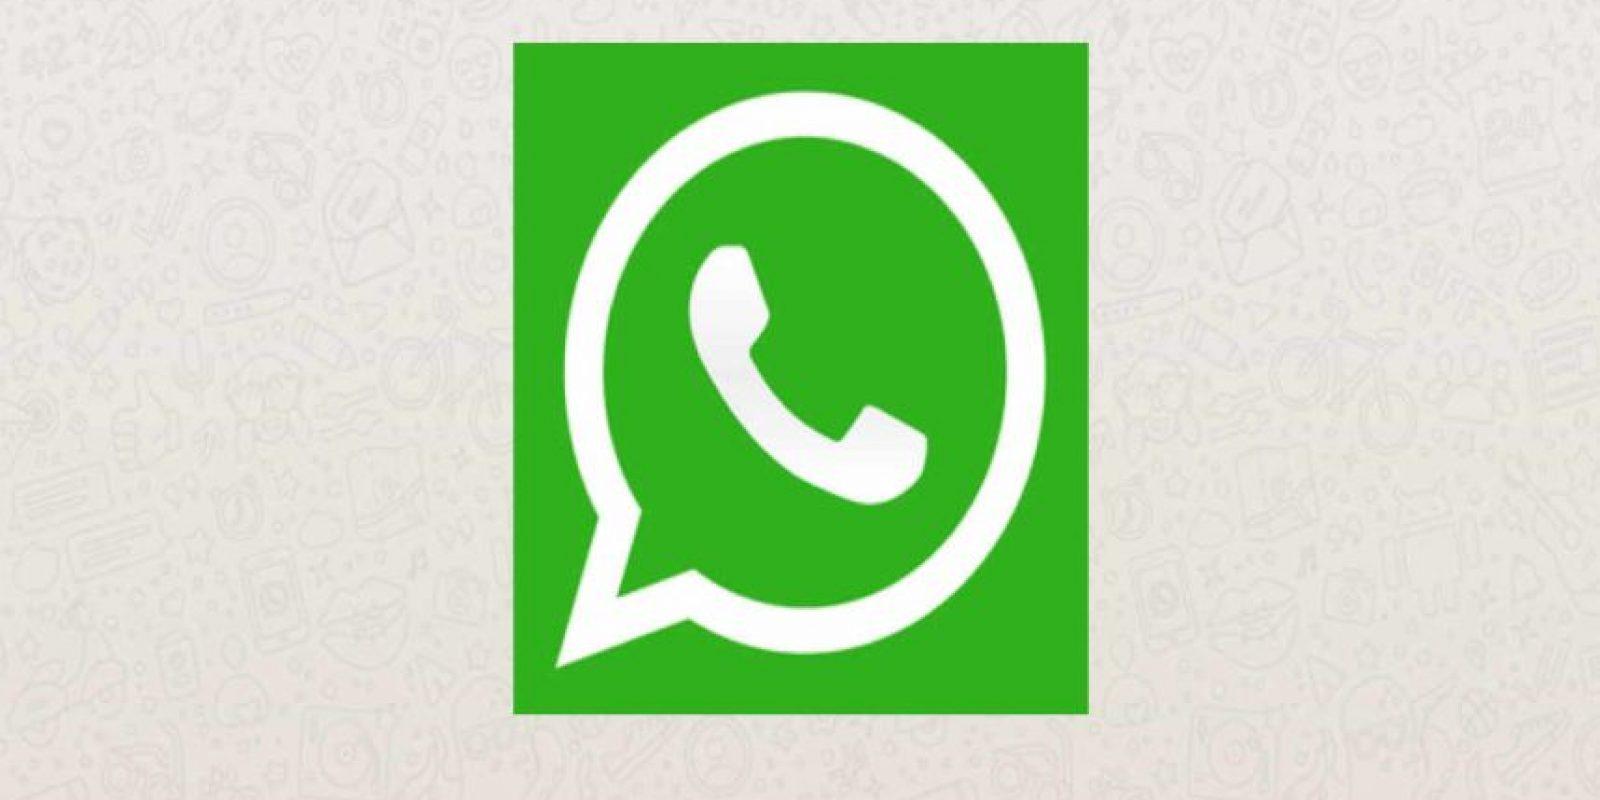 Sin embargo, cuando estos se reproducen, suele ser por el altoparlante del móvil. Foto:WhatsApp. Imagen Por: